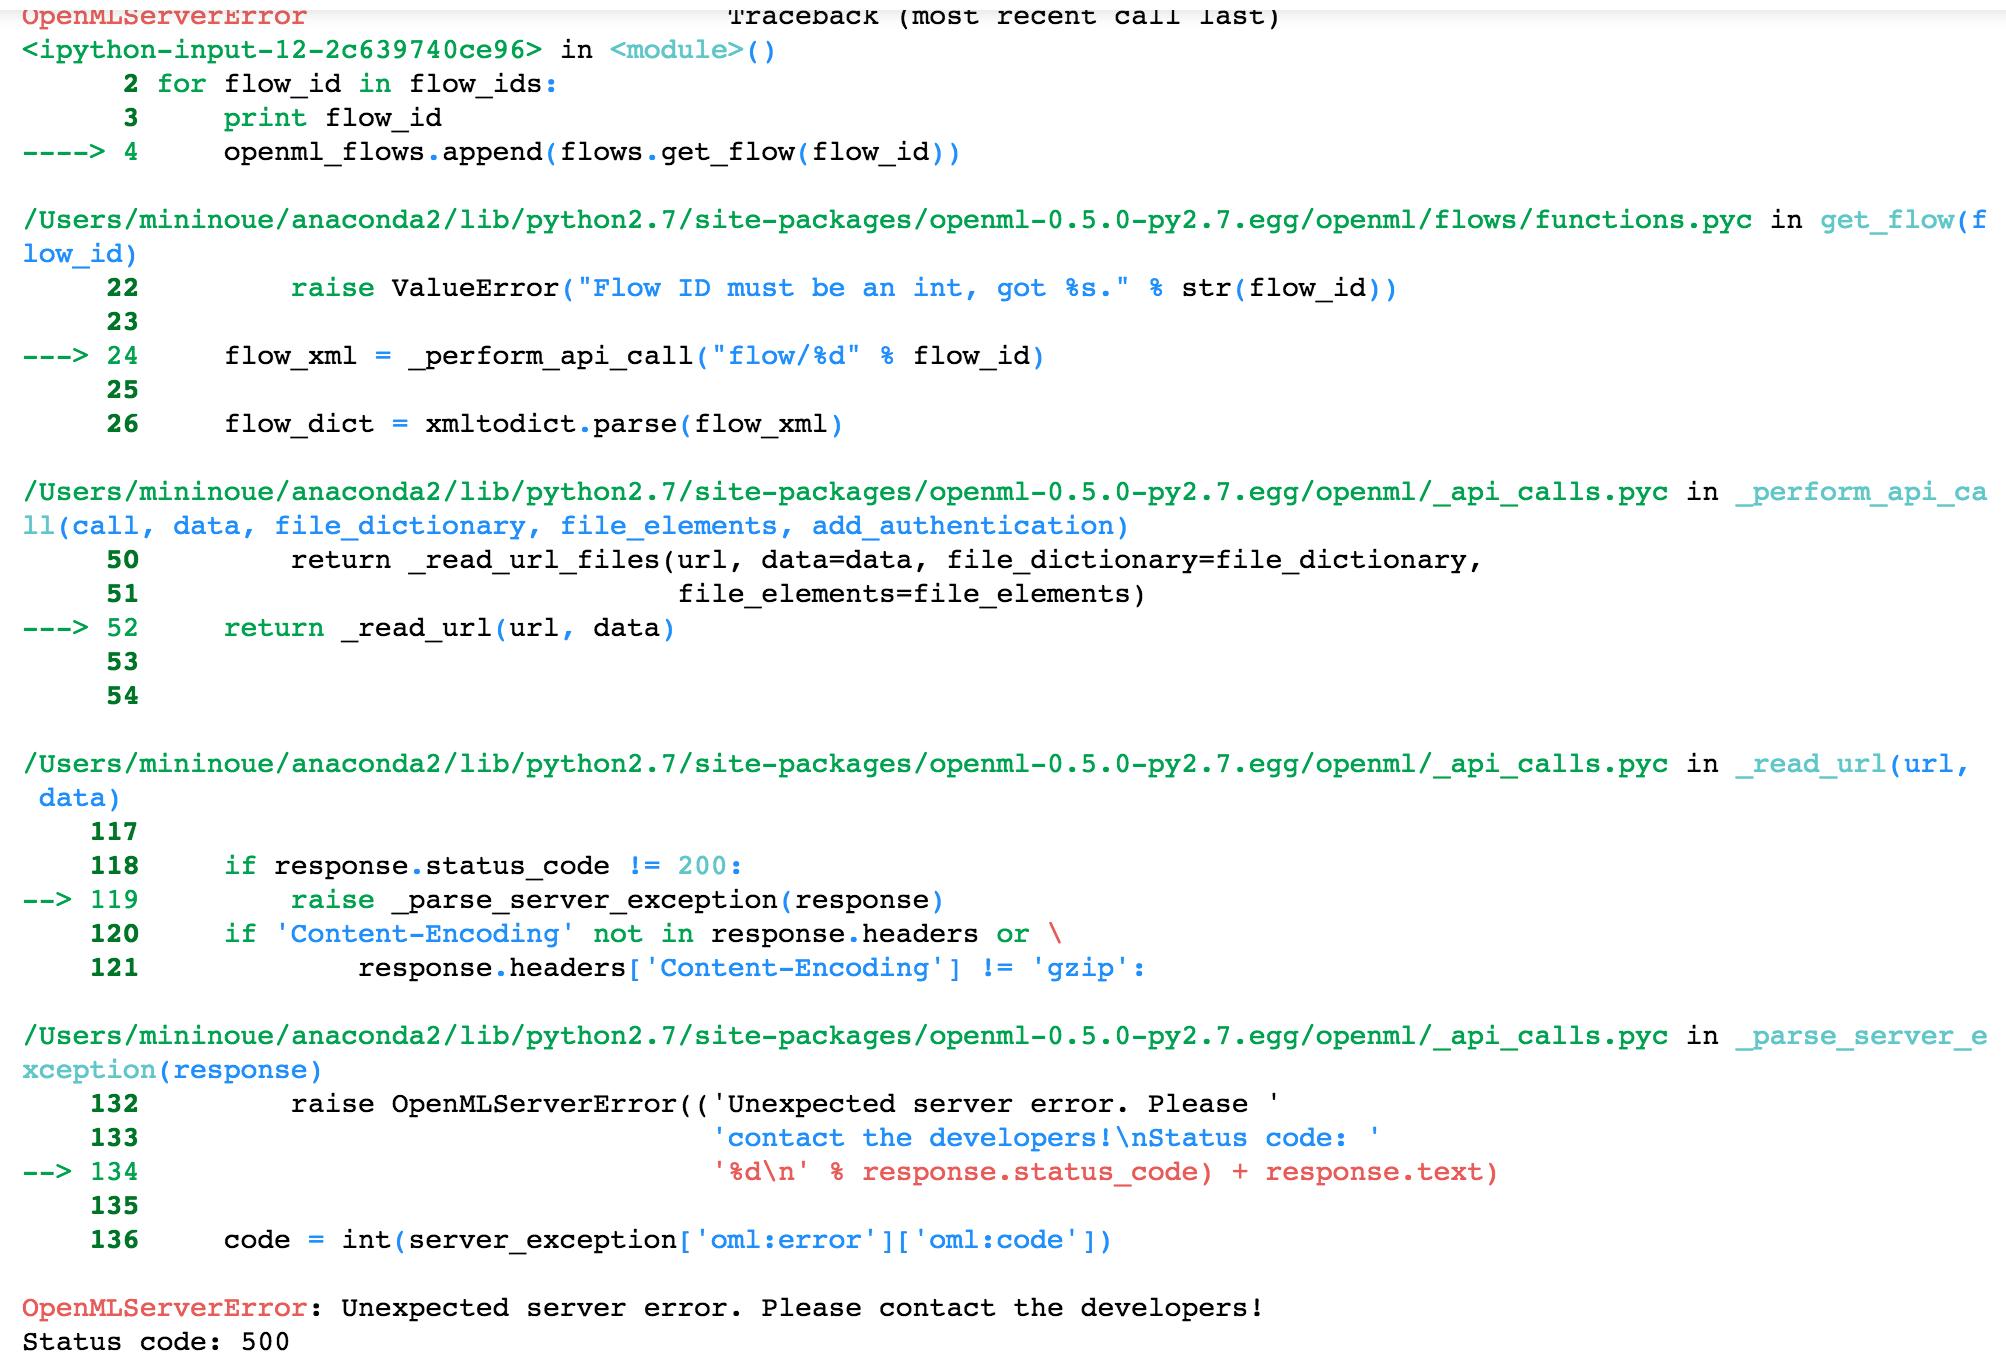 API call to flow/1 raises an error (status_code: 500